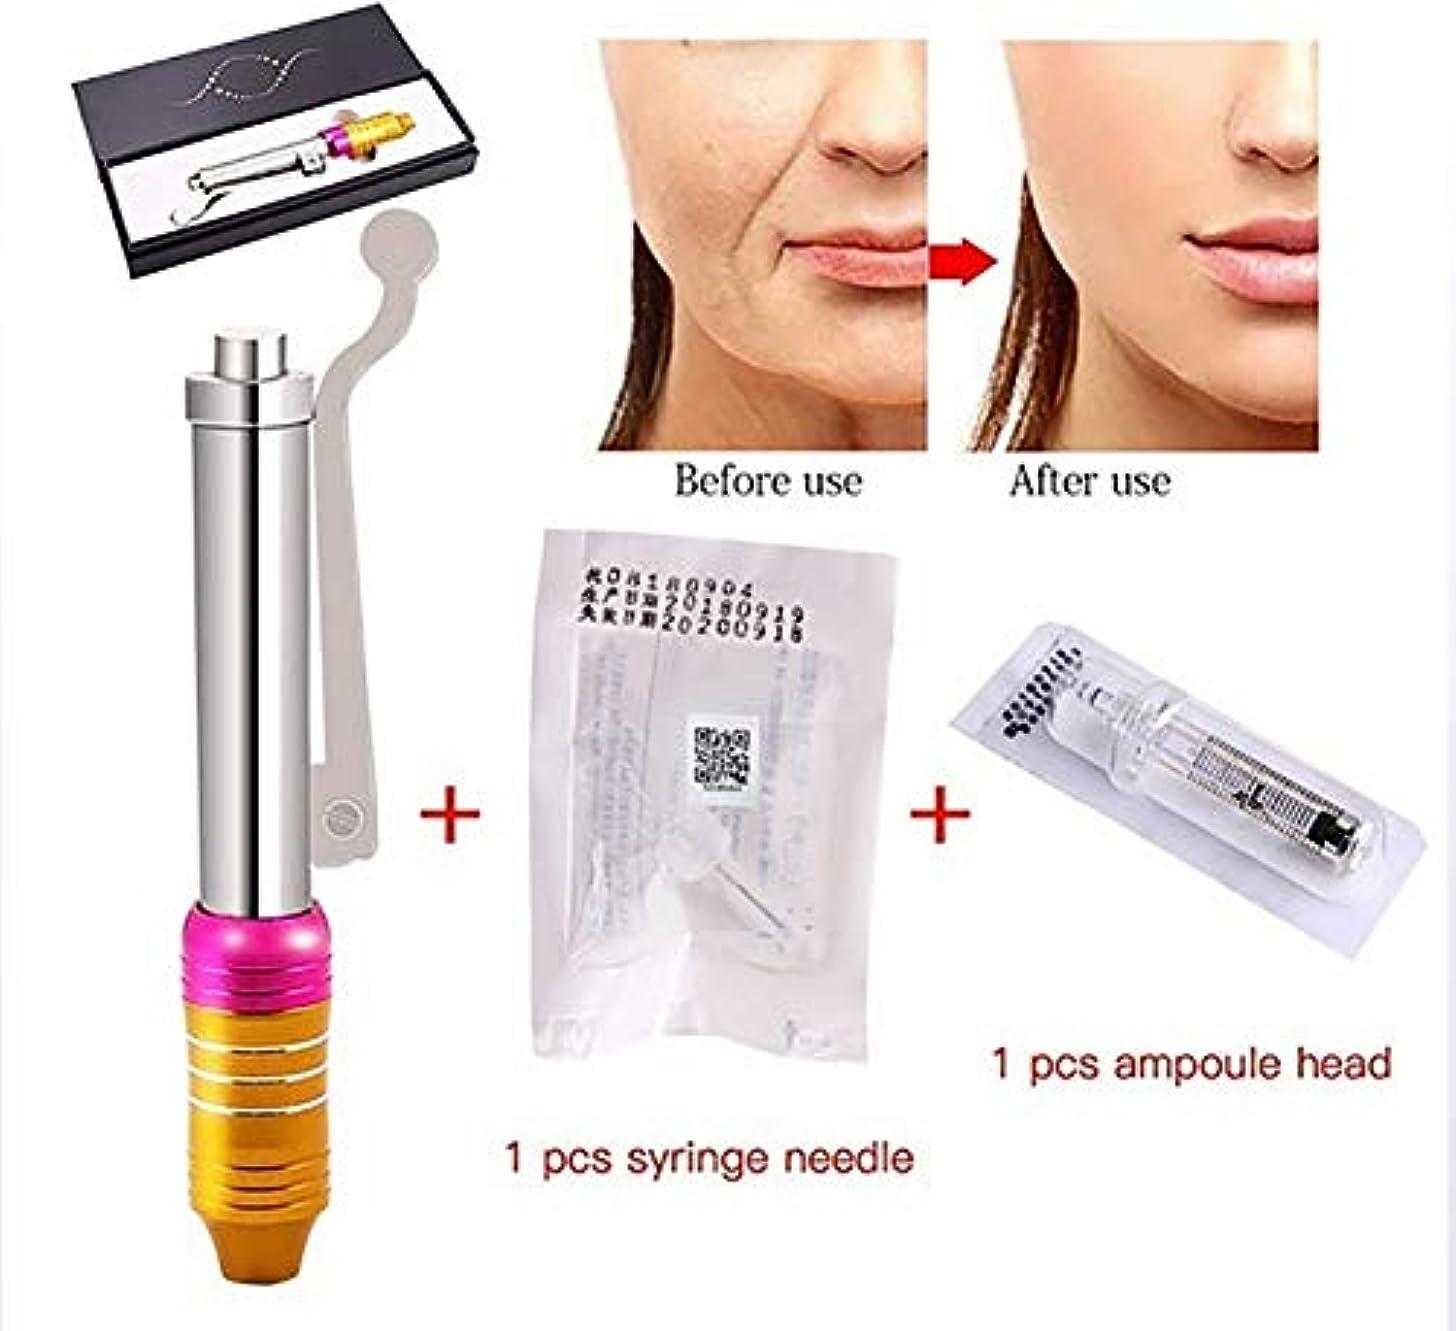 唇透明にトランクライブラリ0.3Mlリップインジェクションヒアルロニクペン引き込み式ヒアルロン美容スプレーヤーペン用しわの除去、引き締め引き締め